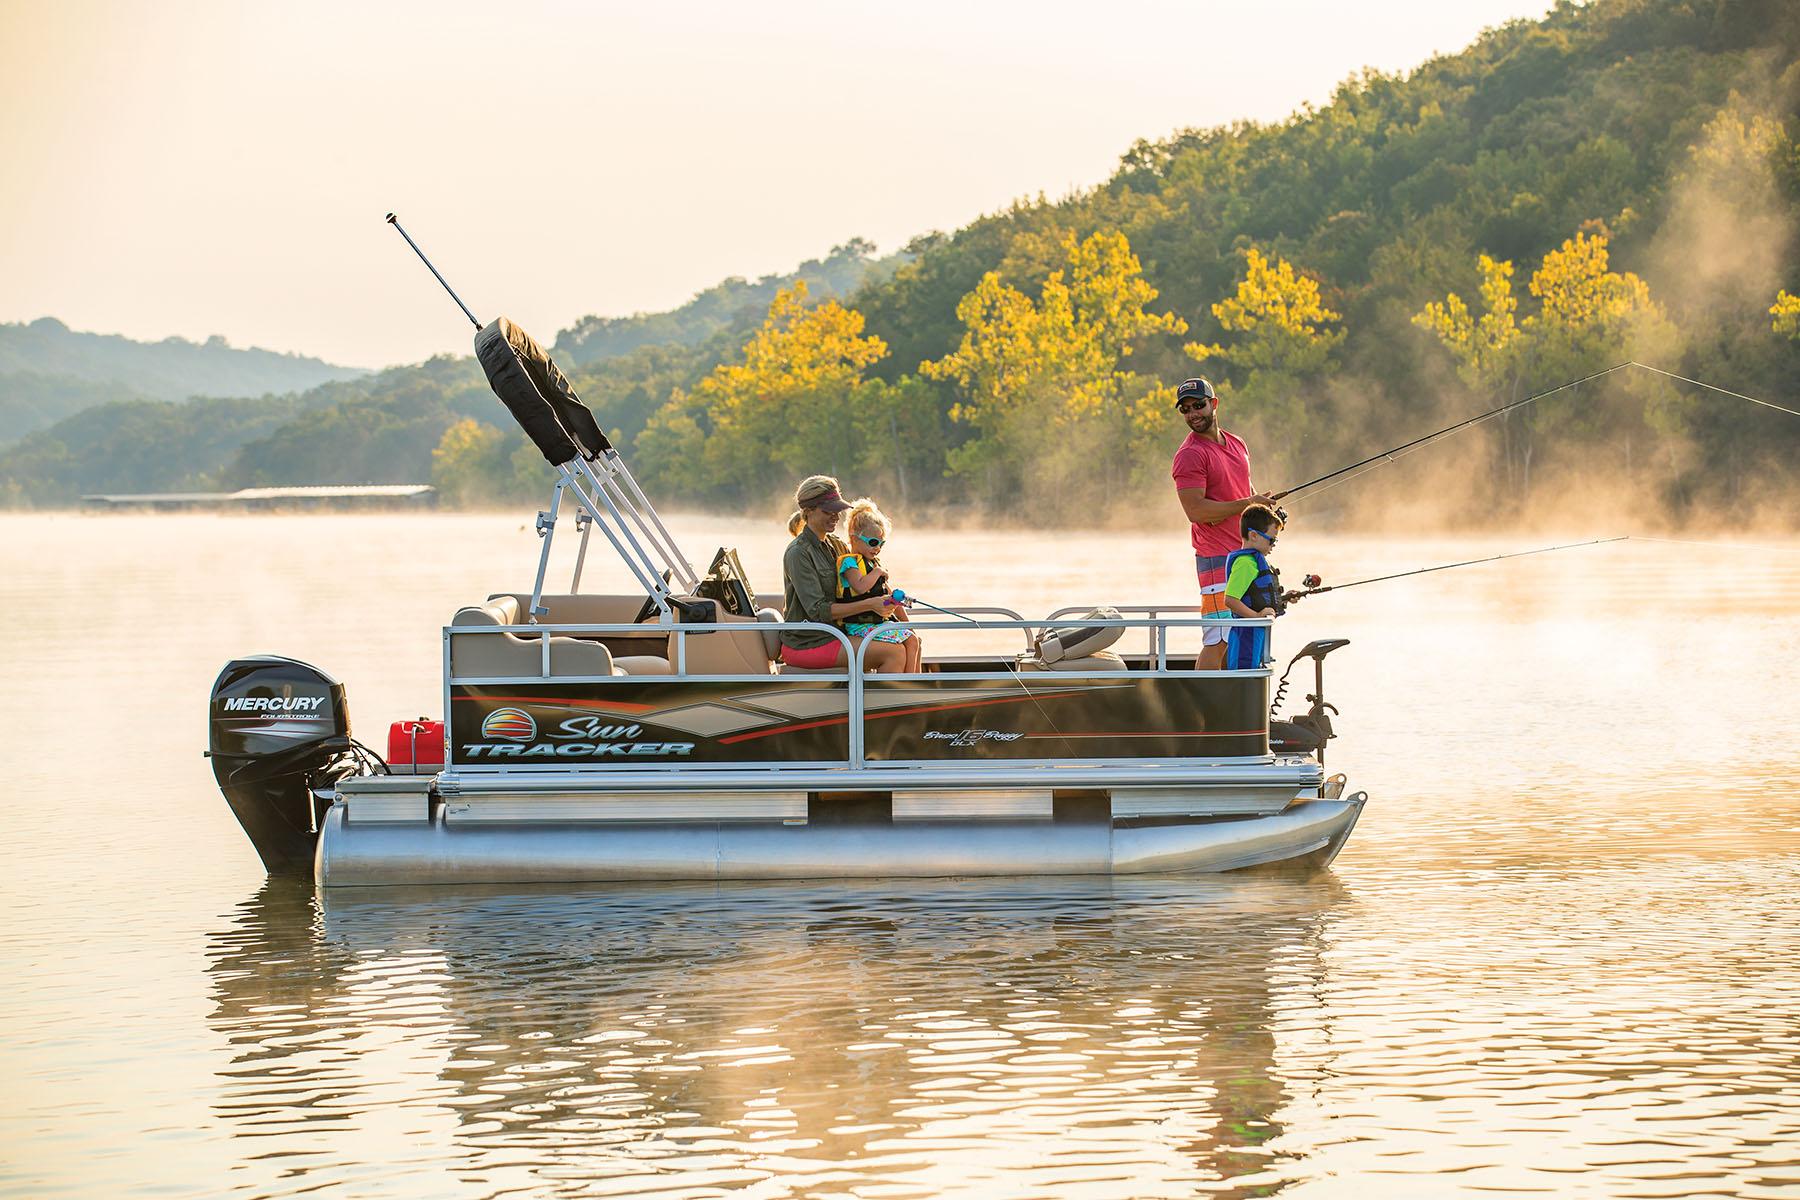 釣りの出来るポンツーンボート